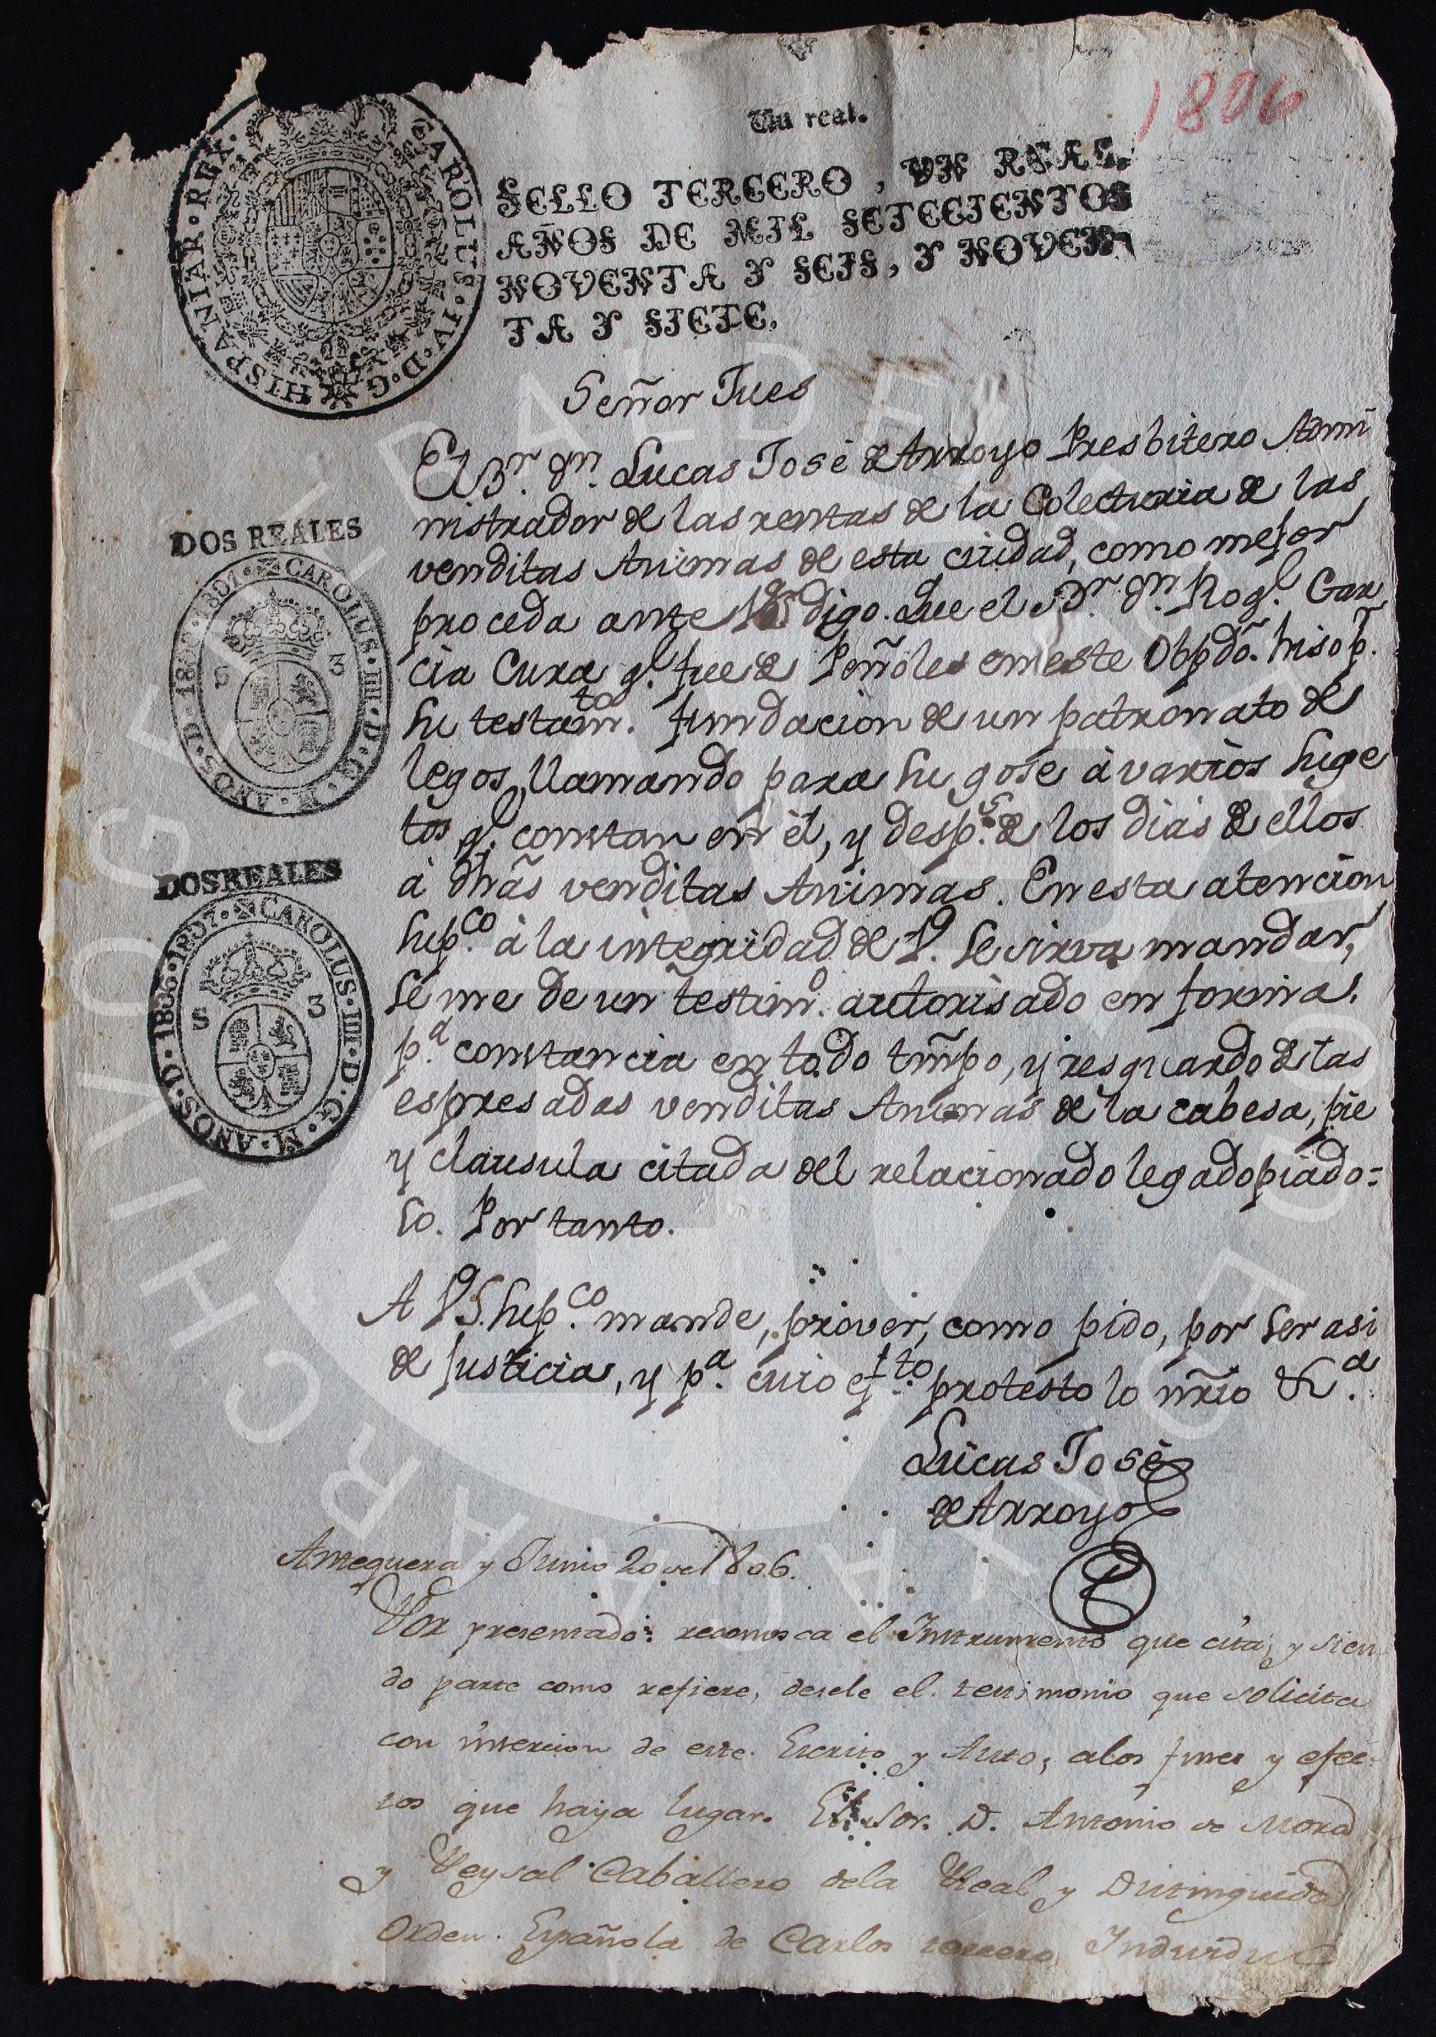 Obras pías, capellanías y testamentos en el Archivo General del Estado de Oaxaca